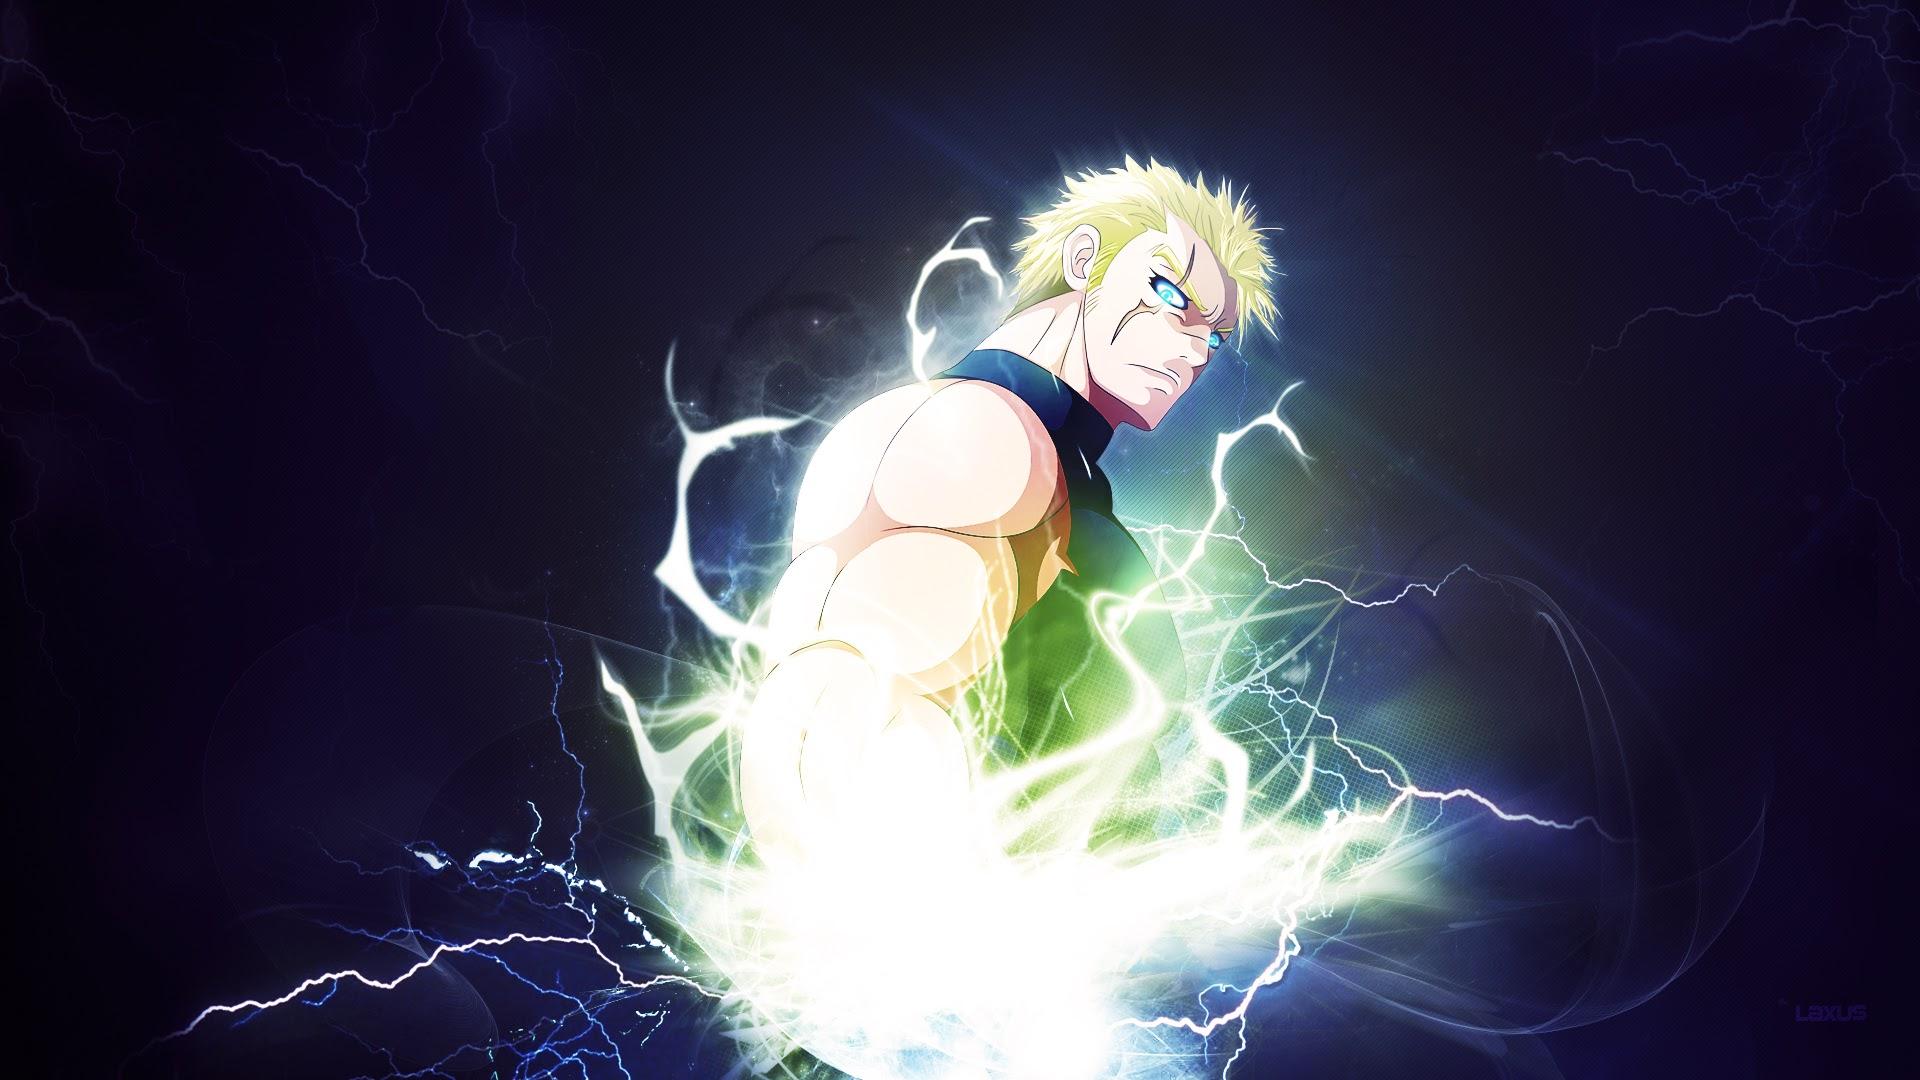 Laxus Dreyar Lightning Anime 81 Wallpaper HD